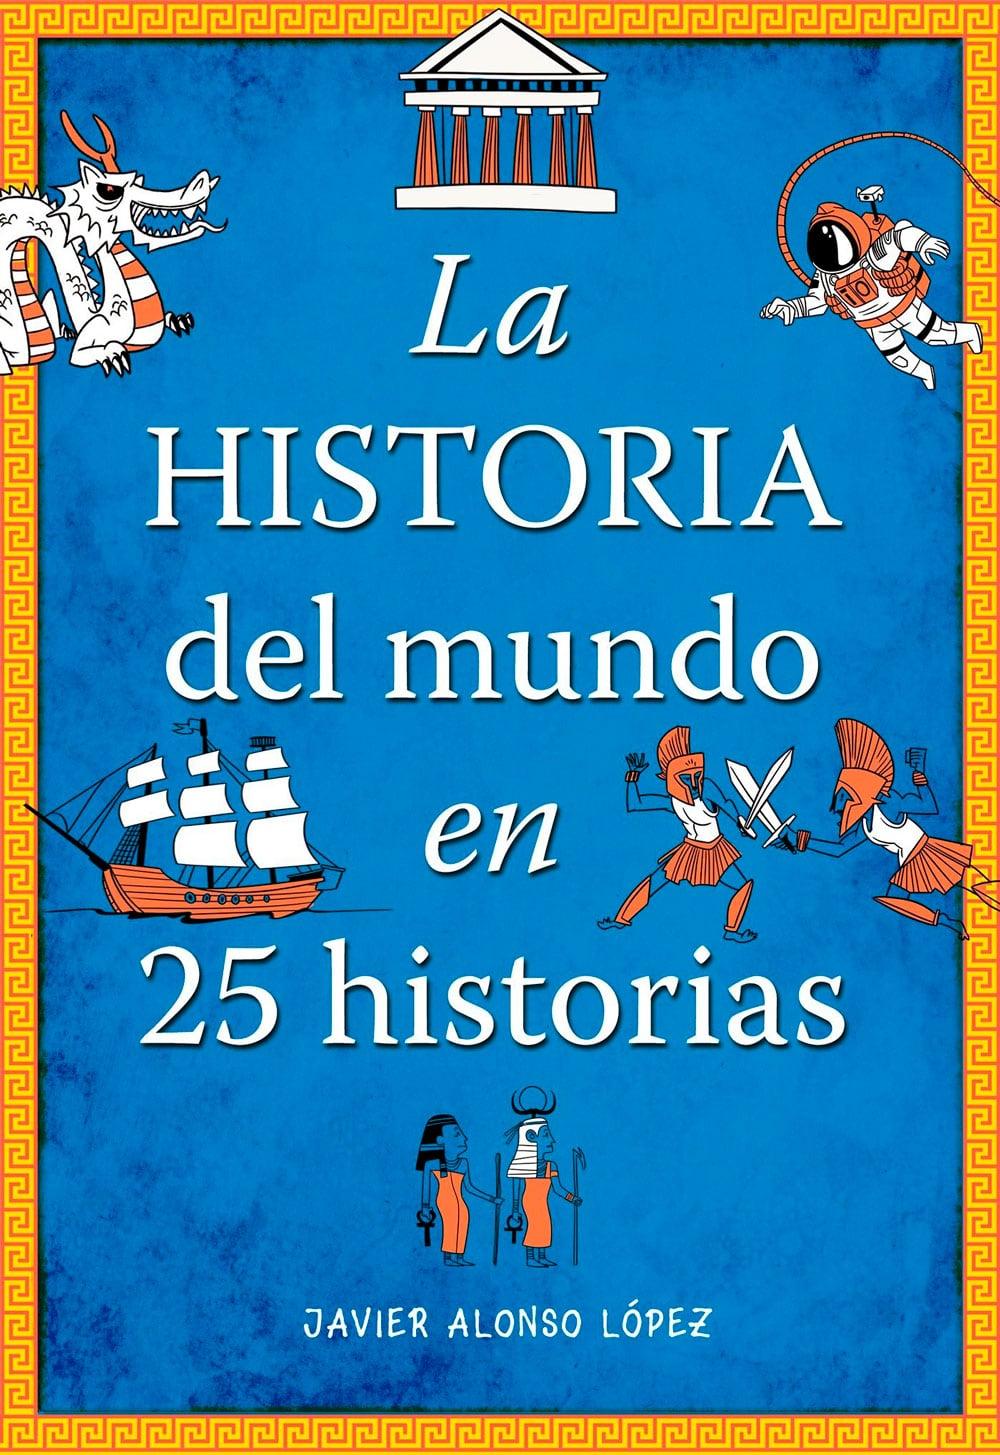 Libro La Historia del mundo en 25 historias, de Javier Alonso